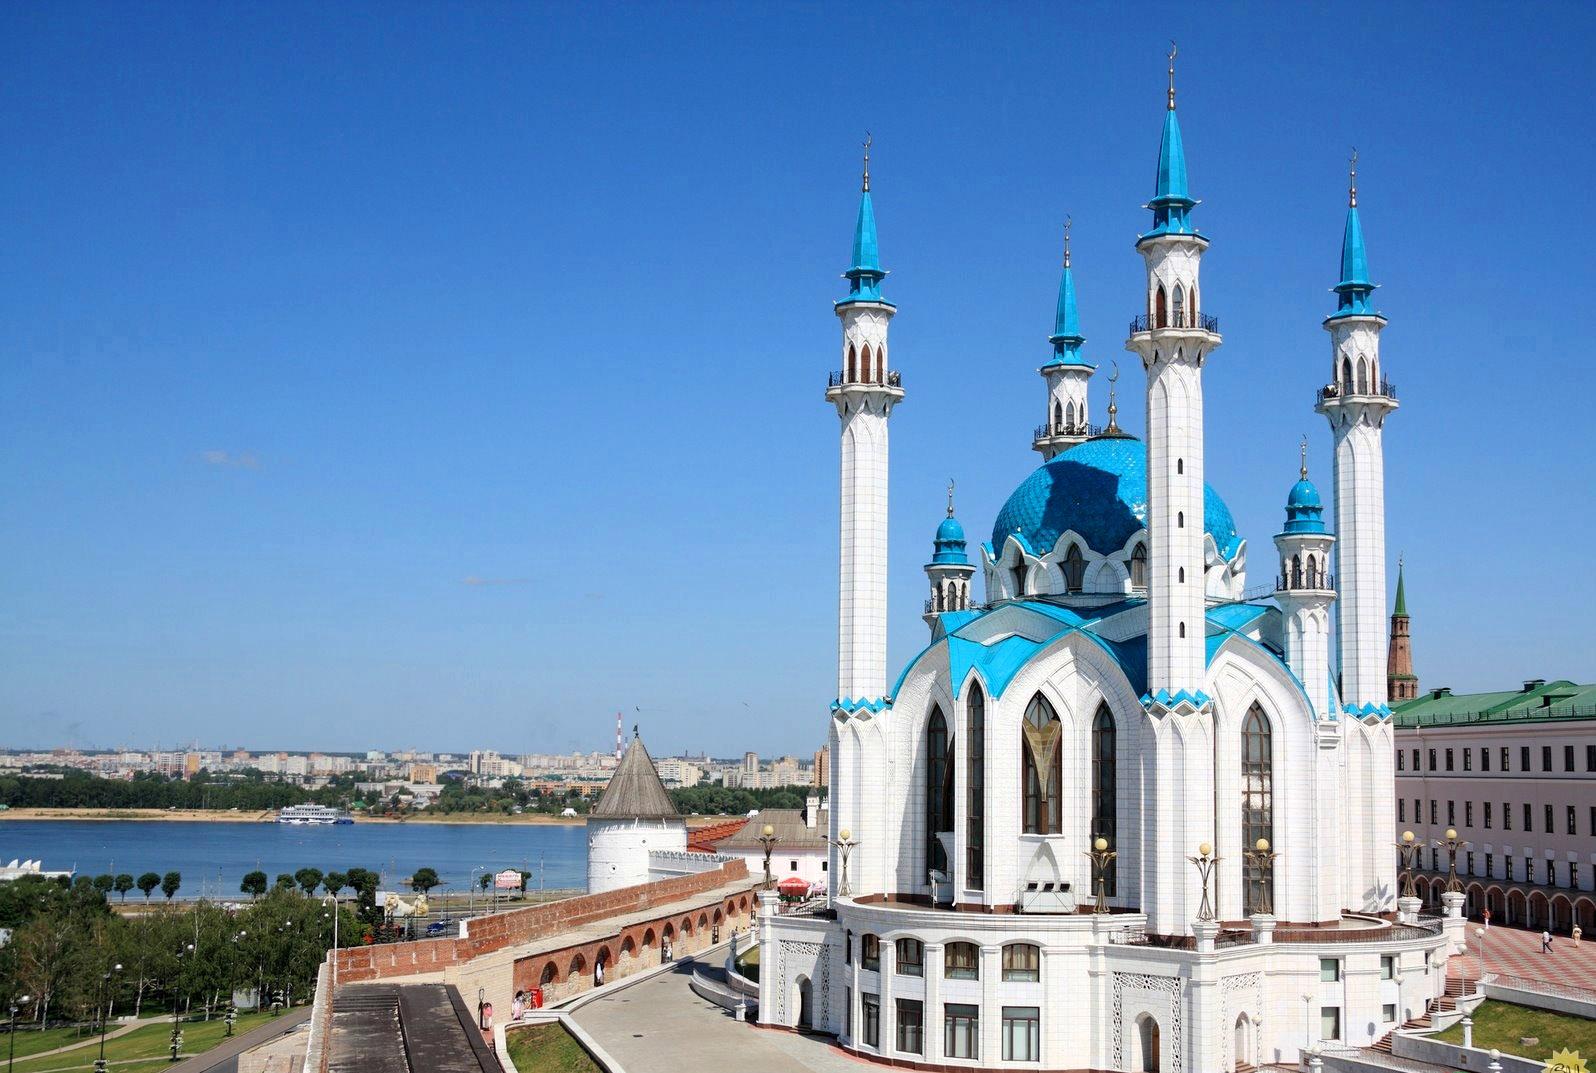 Казань - красивые и удивительные картинки города 3